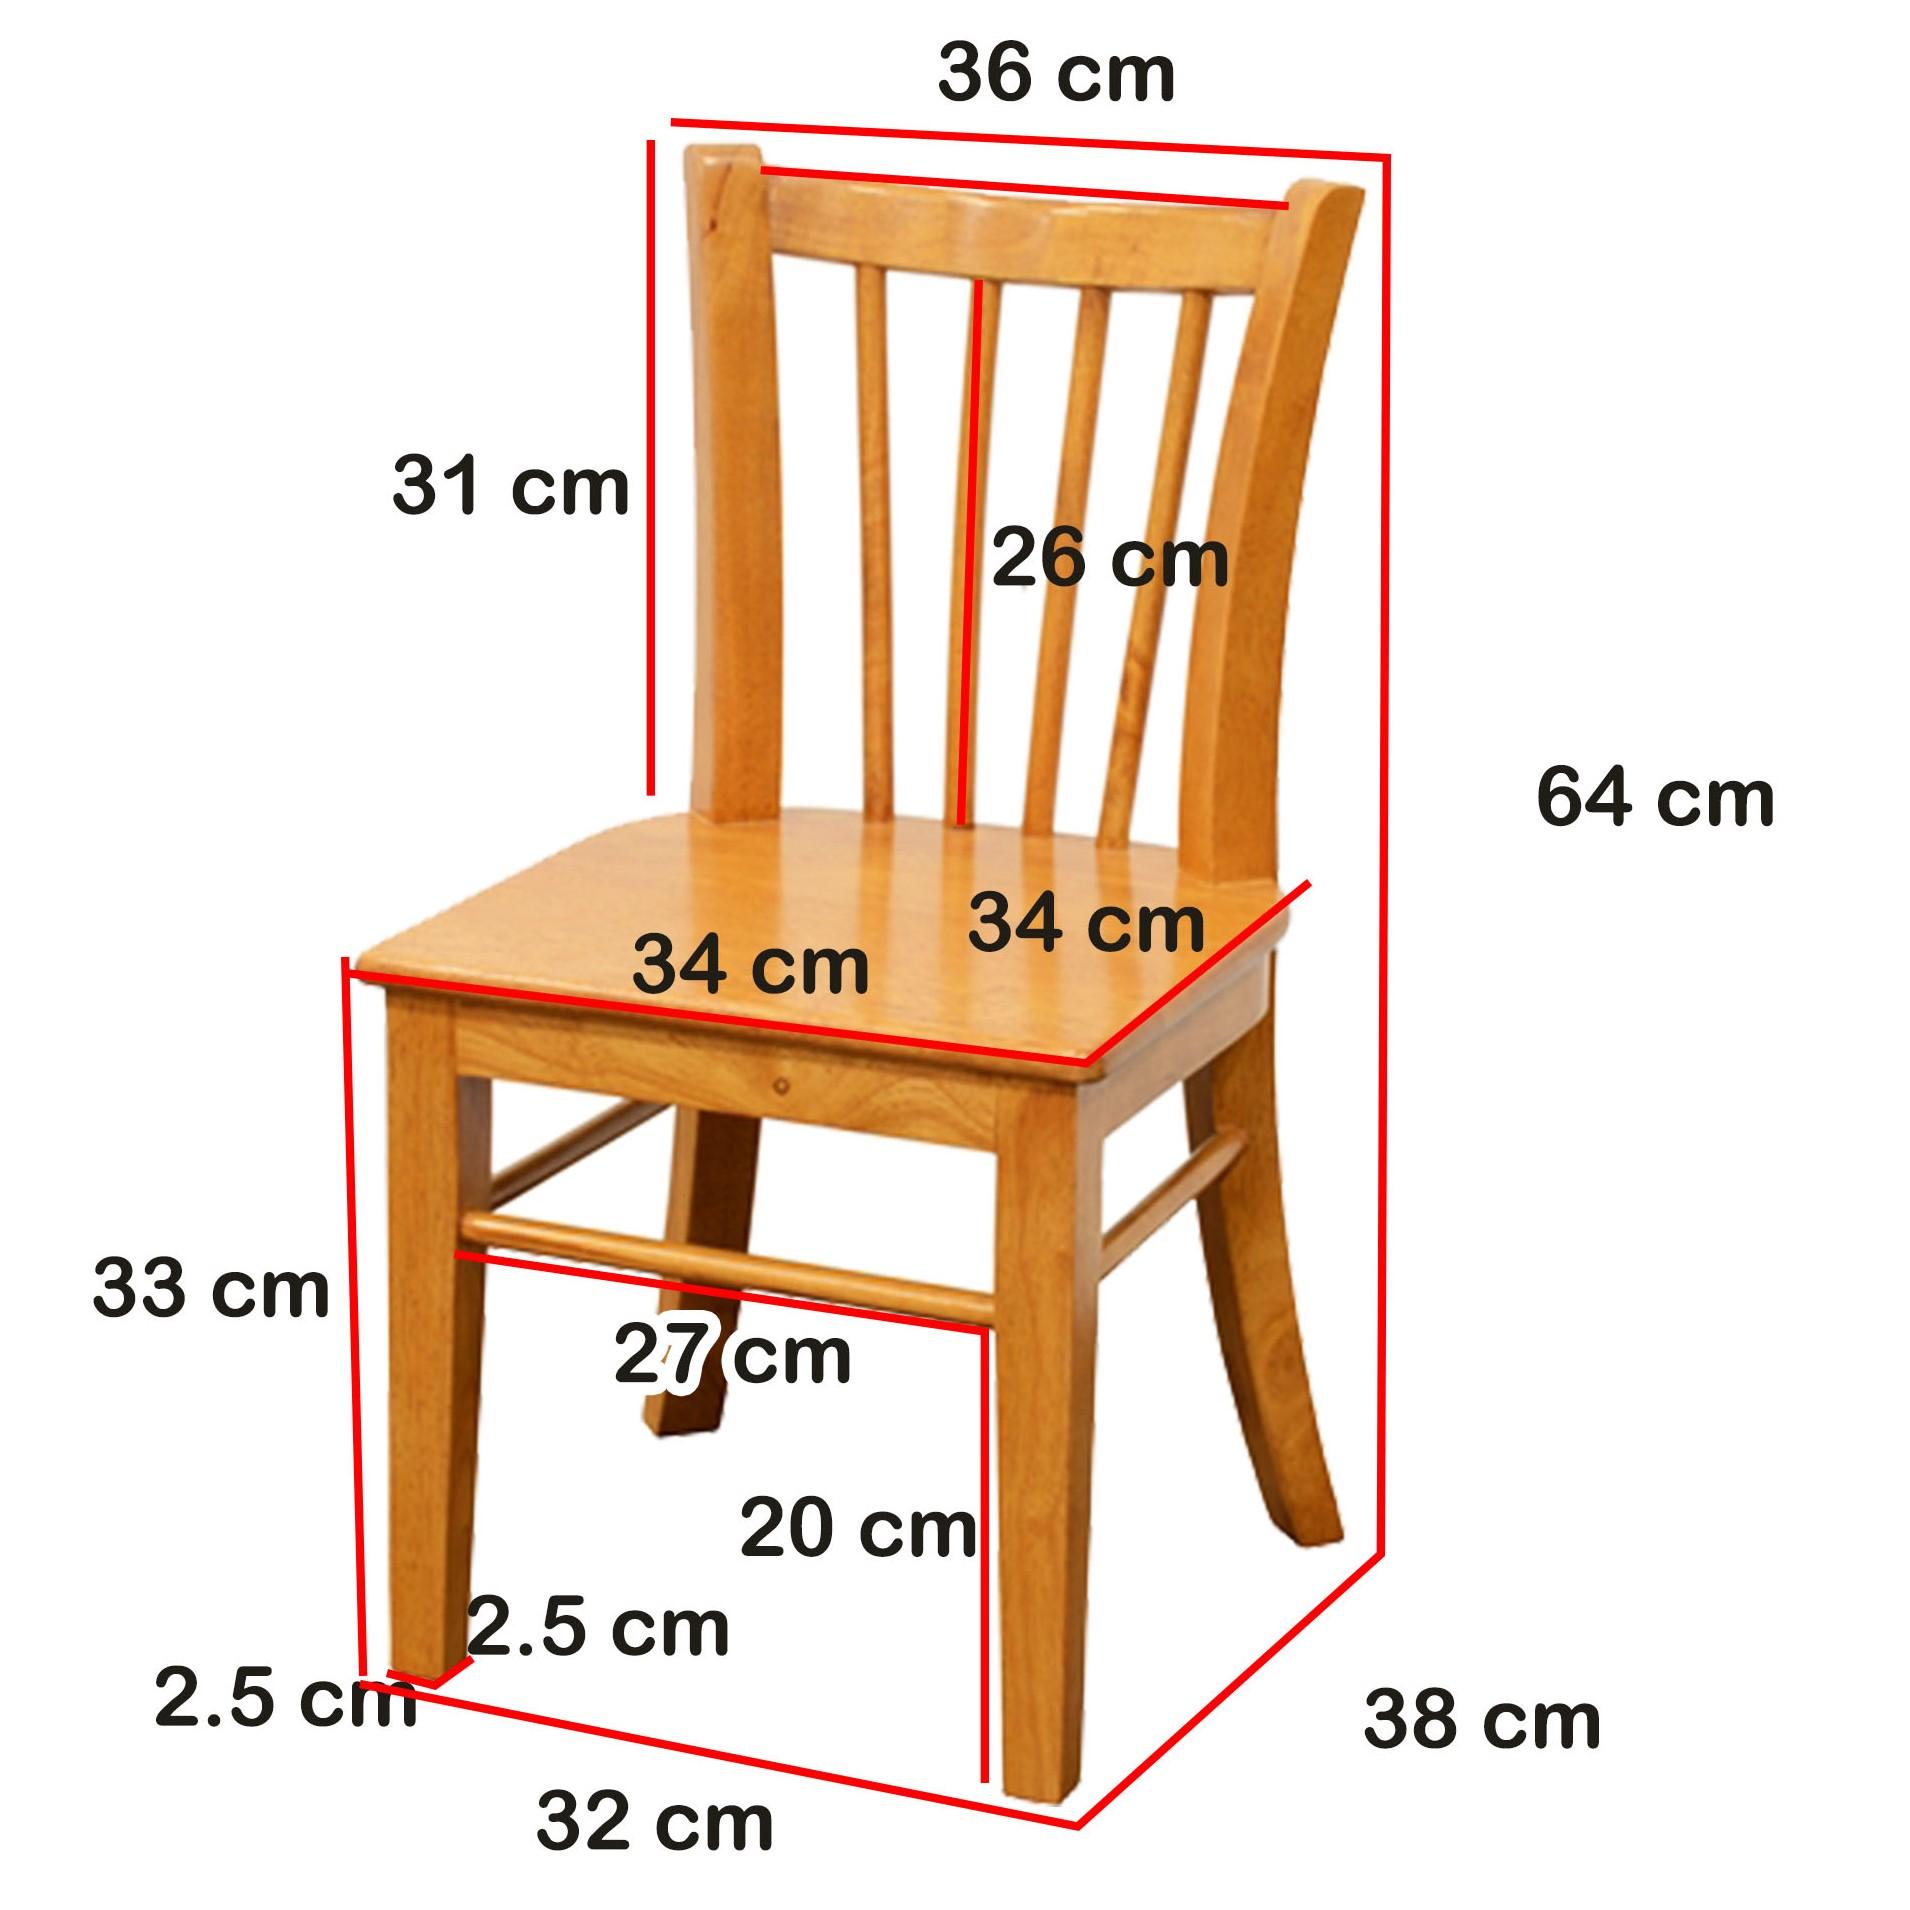 chaise pour enfant hevea 36x38x64cm tradition